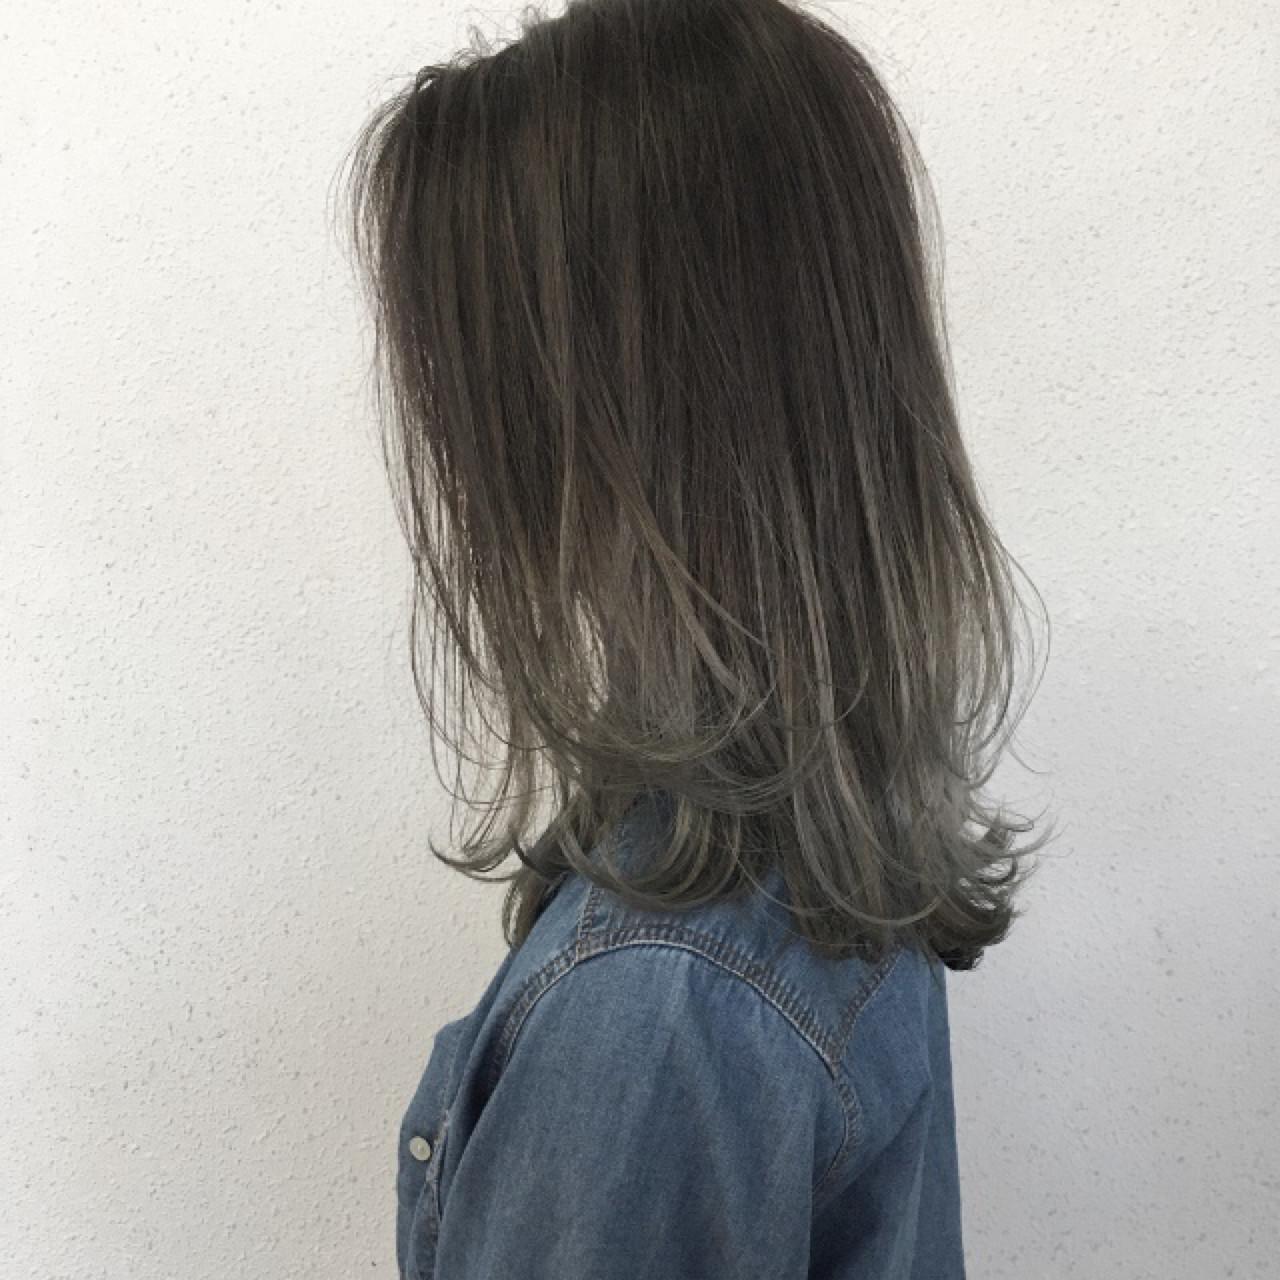 グレージュ ブリーチ グラデーションカラー ナチュラル ヘアスタイルや髪型の写真・画像